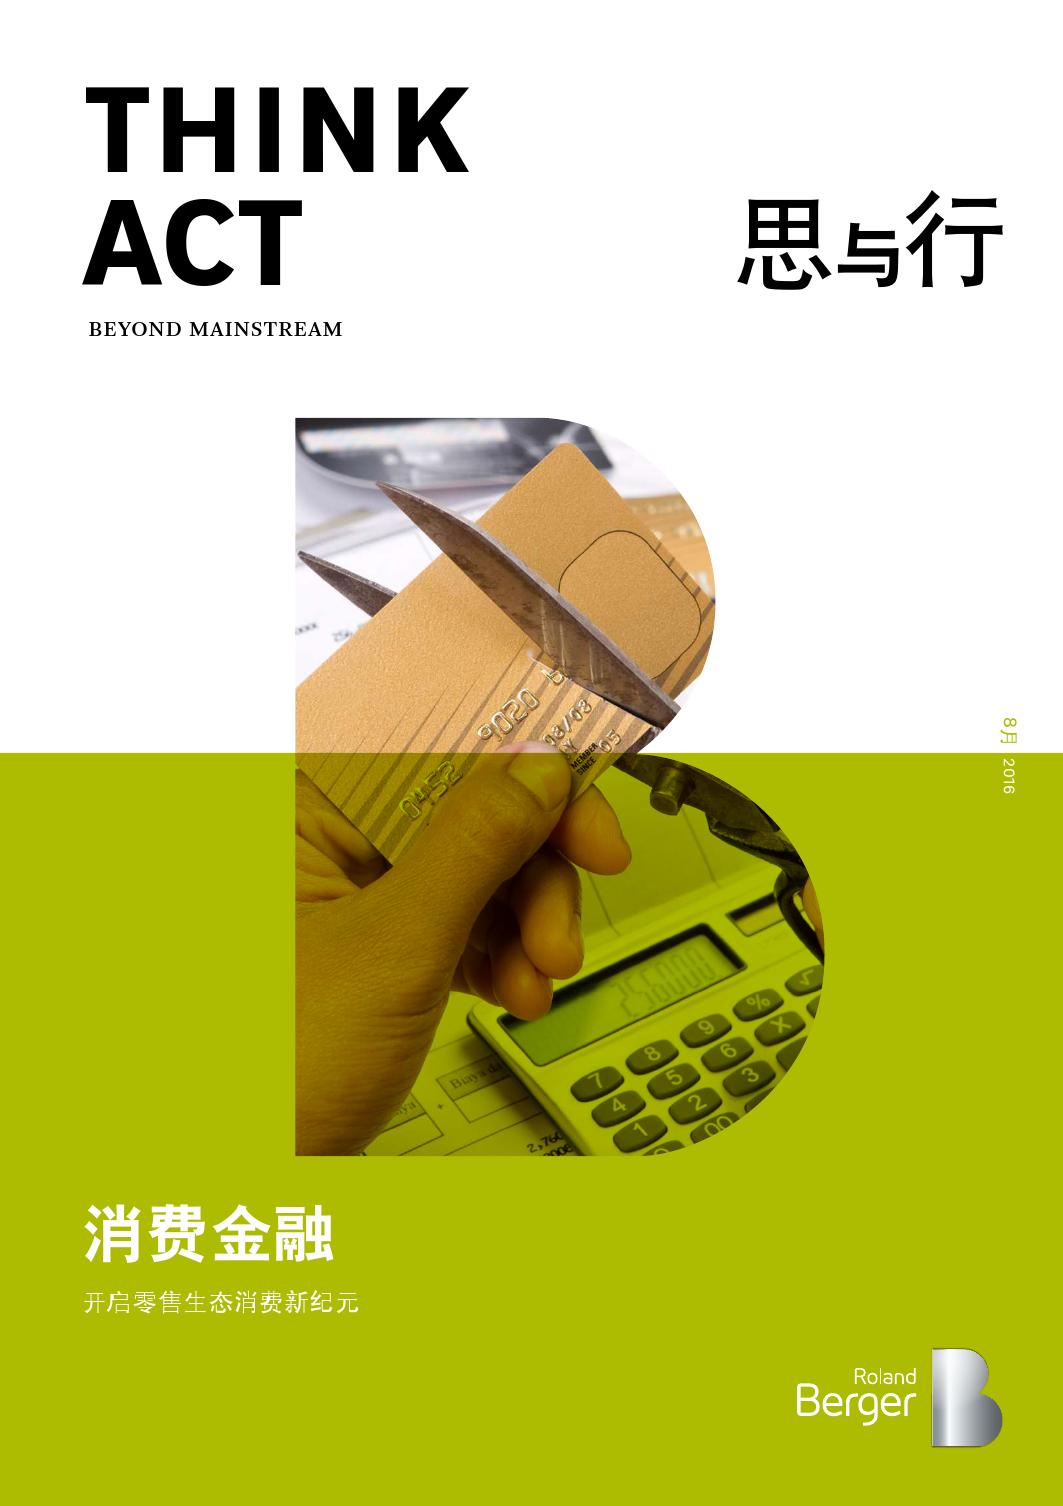 消费金融:开启零售生态消费新纪元_000001